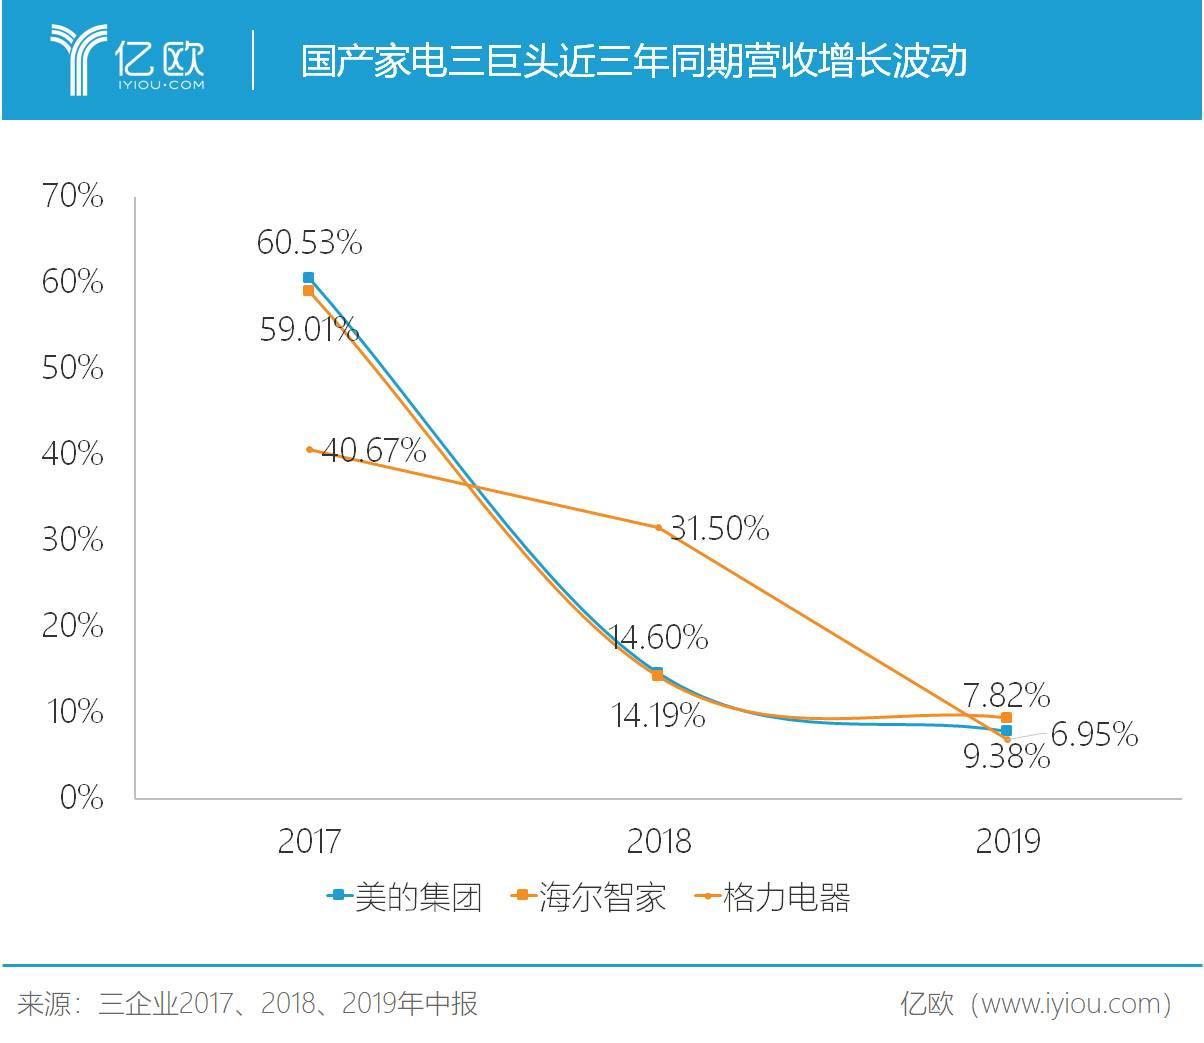 国产家电三巨头近三年同期营收增长波动